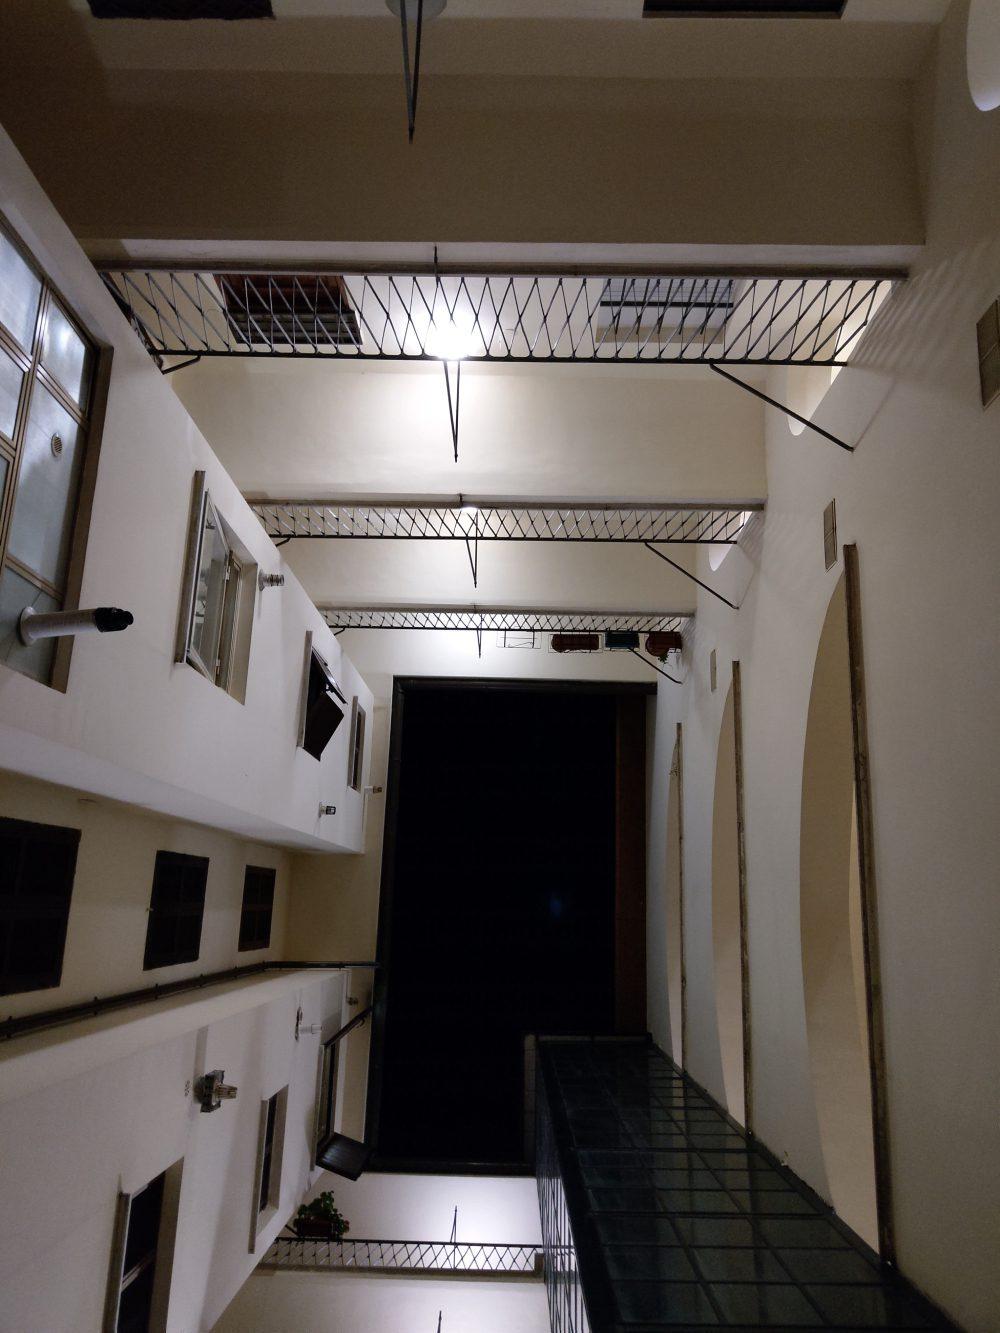 zdjęcie nocne budynek w mieście htc u12 plus